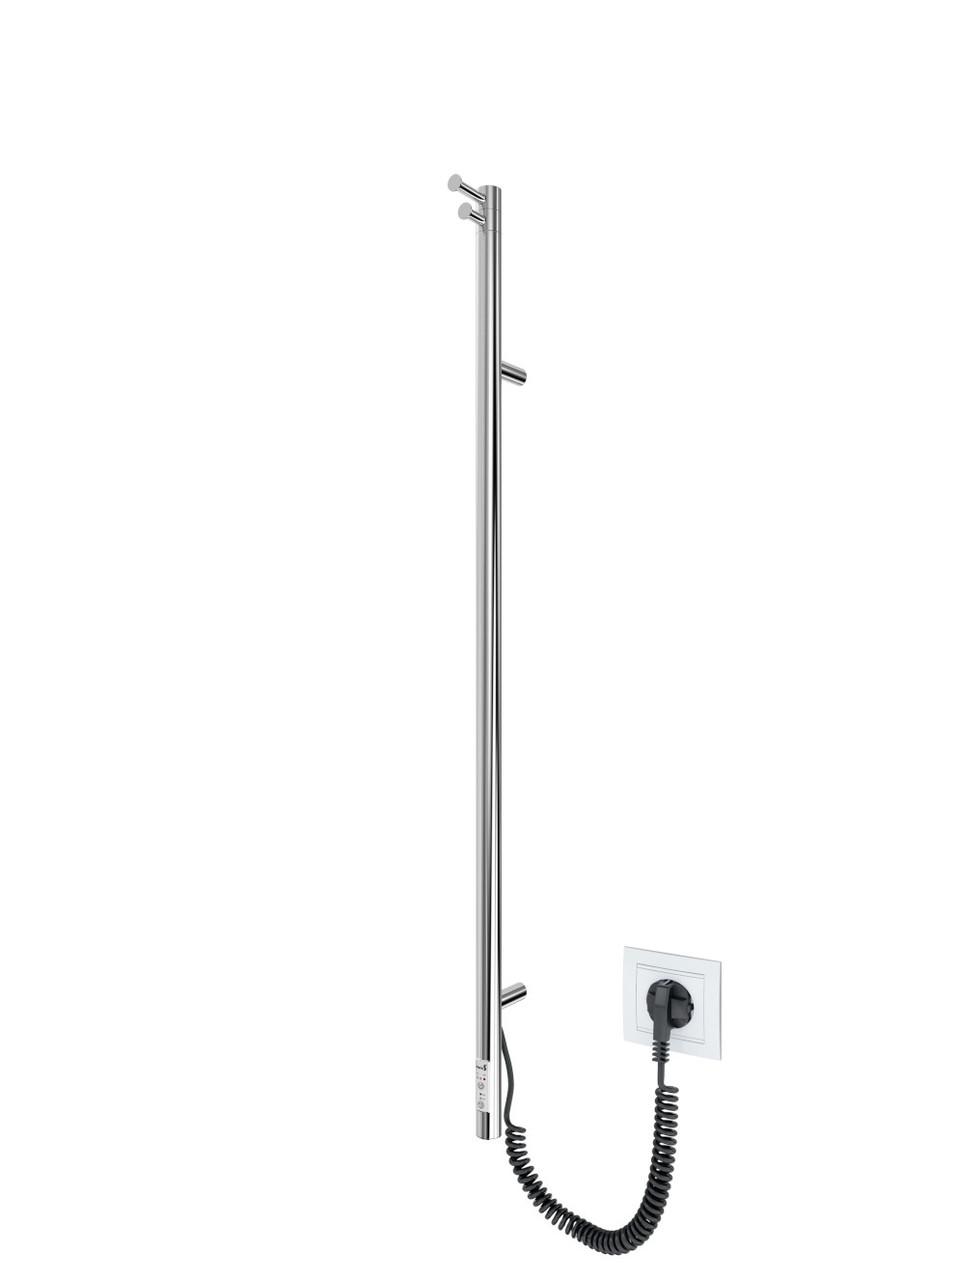 Электрический полотенцесушитель MARIO Рей-I 1100x30/130 TR таймер-регулятор